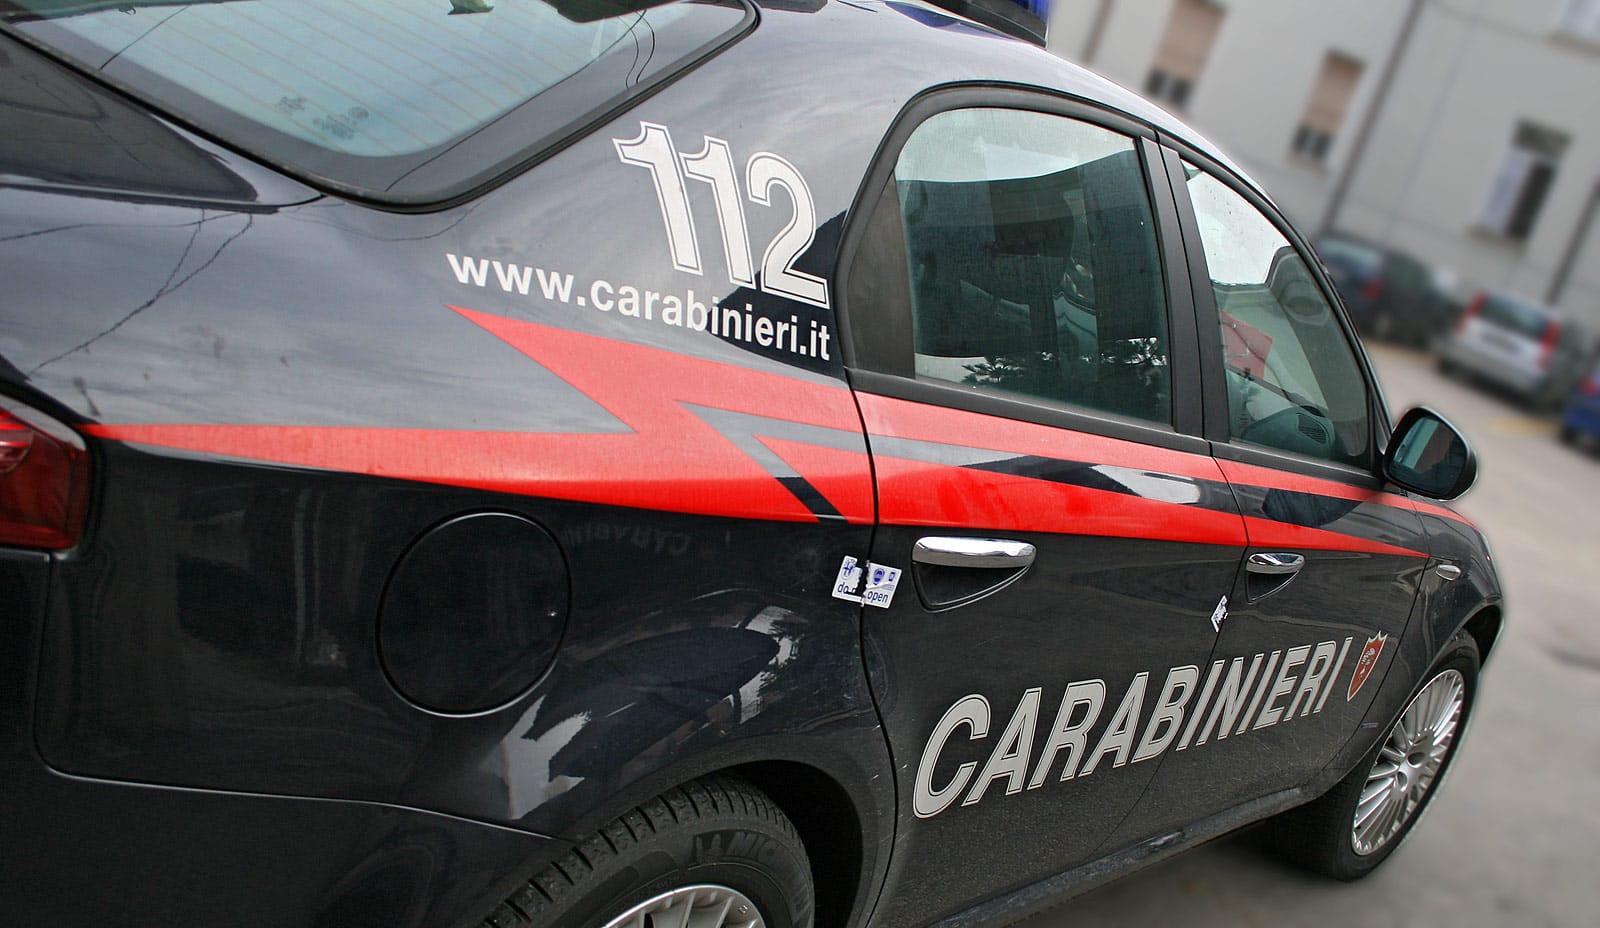 """Monterusciello, psicosi rapimenti di bimbi da parte di zingari. Carabinieri e Polizia: """"Nessuna denuncia, notizia allarmistica senza fondamento""""!"""